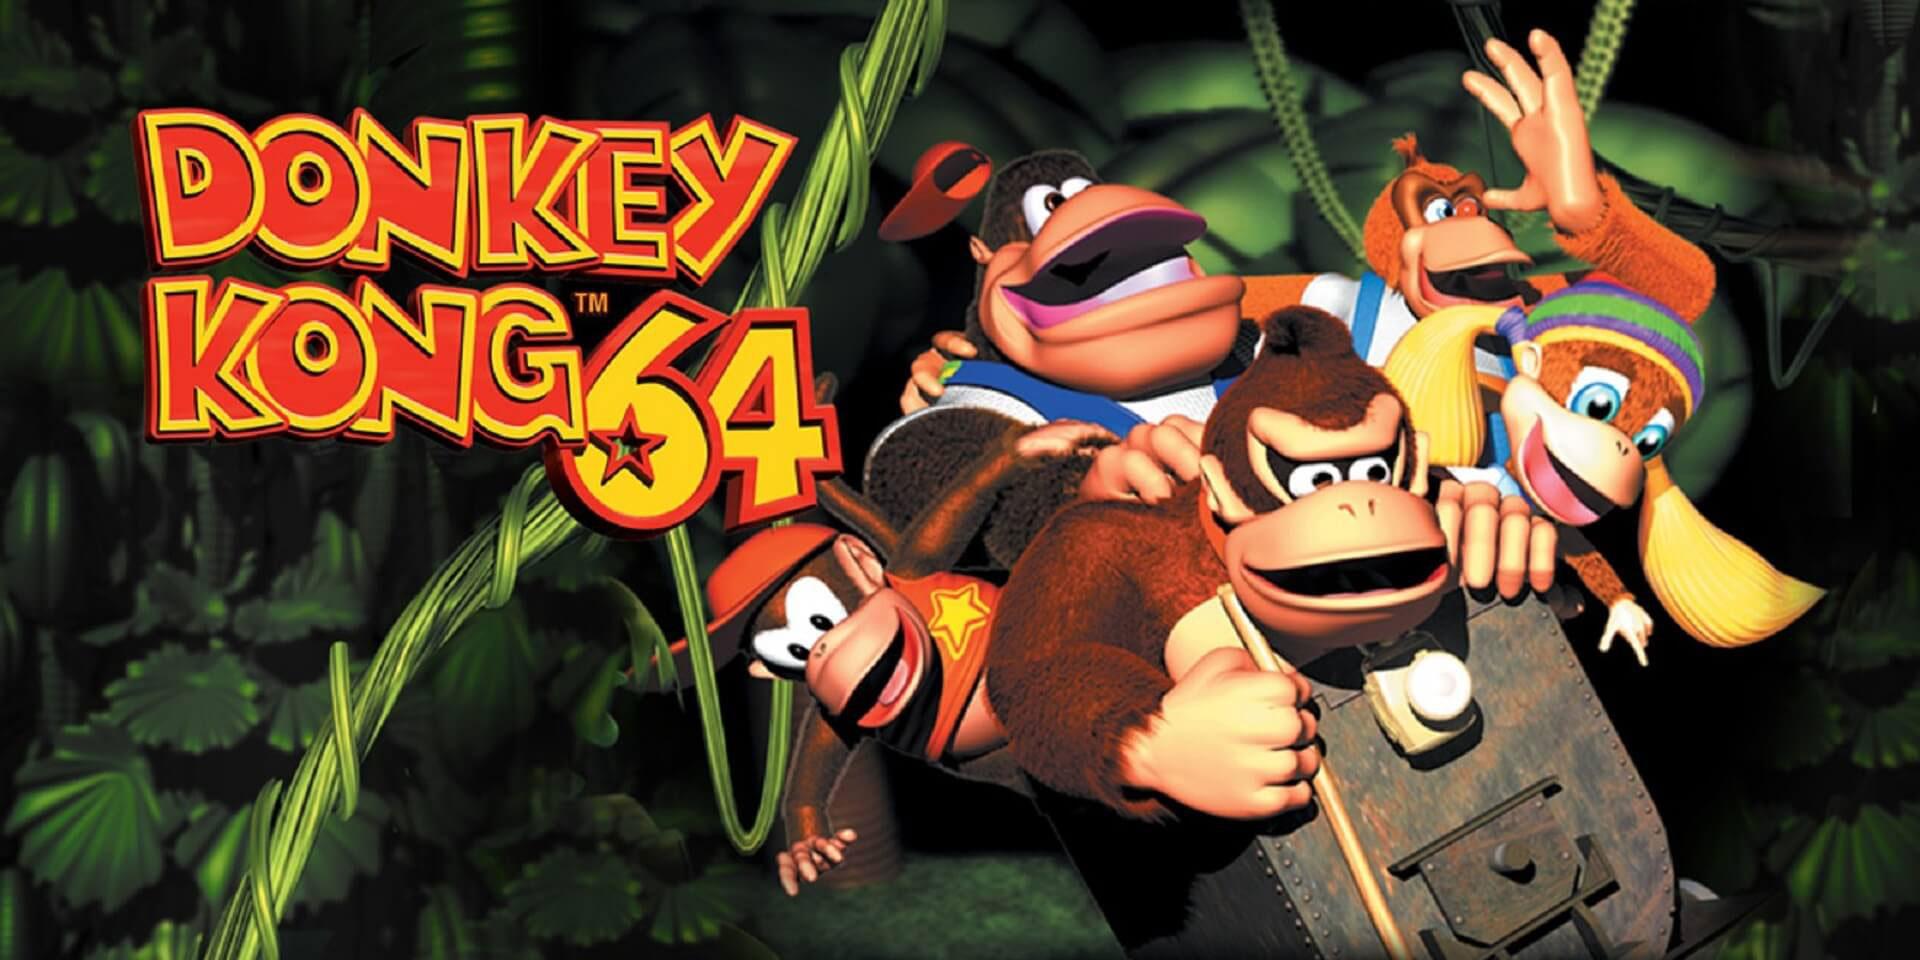 Donkey Kong 64: Der Kampf gegen die Echsenbande von K. Rool